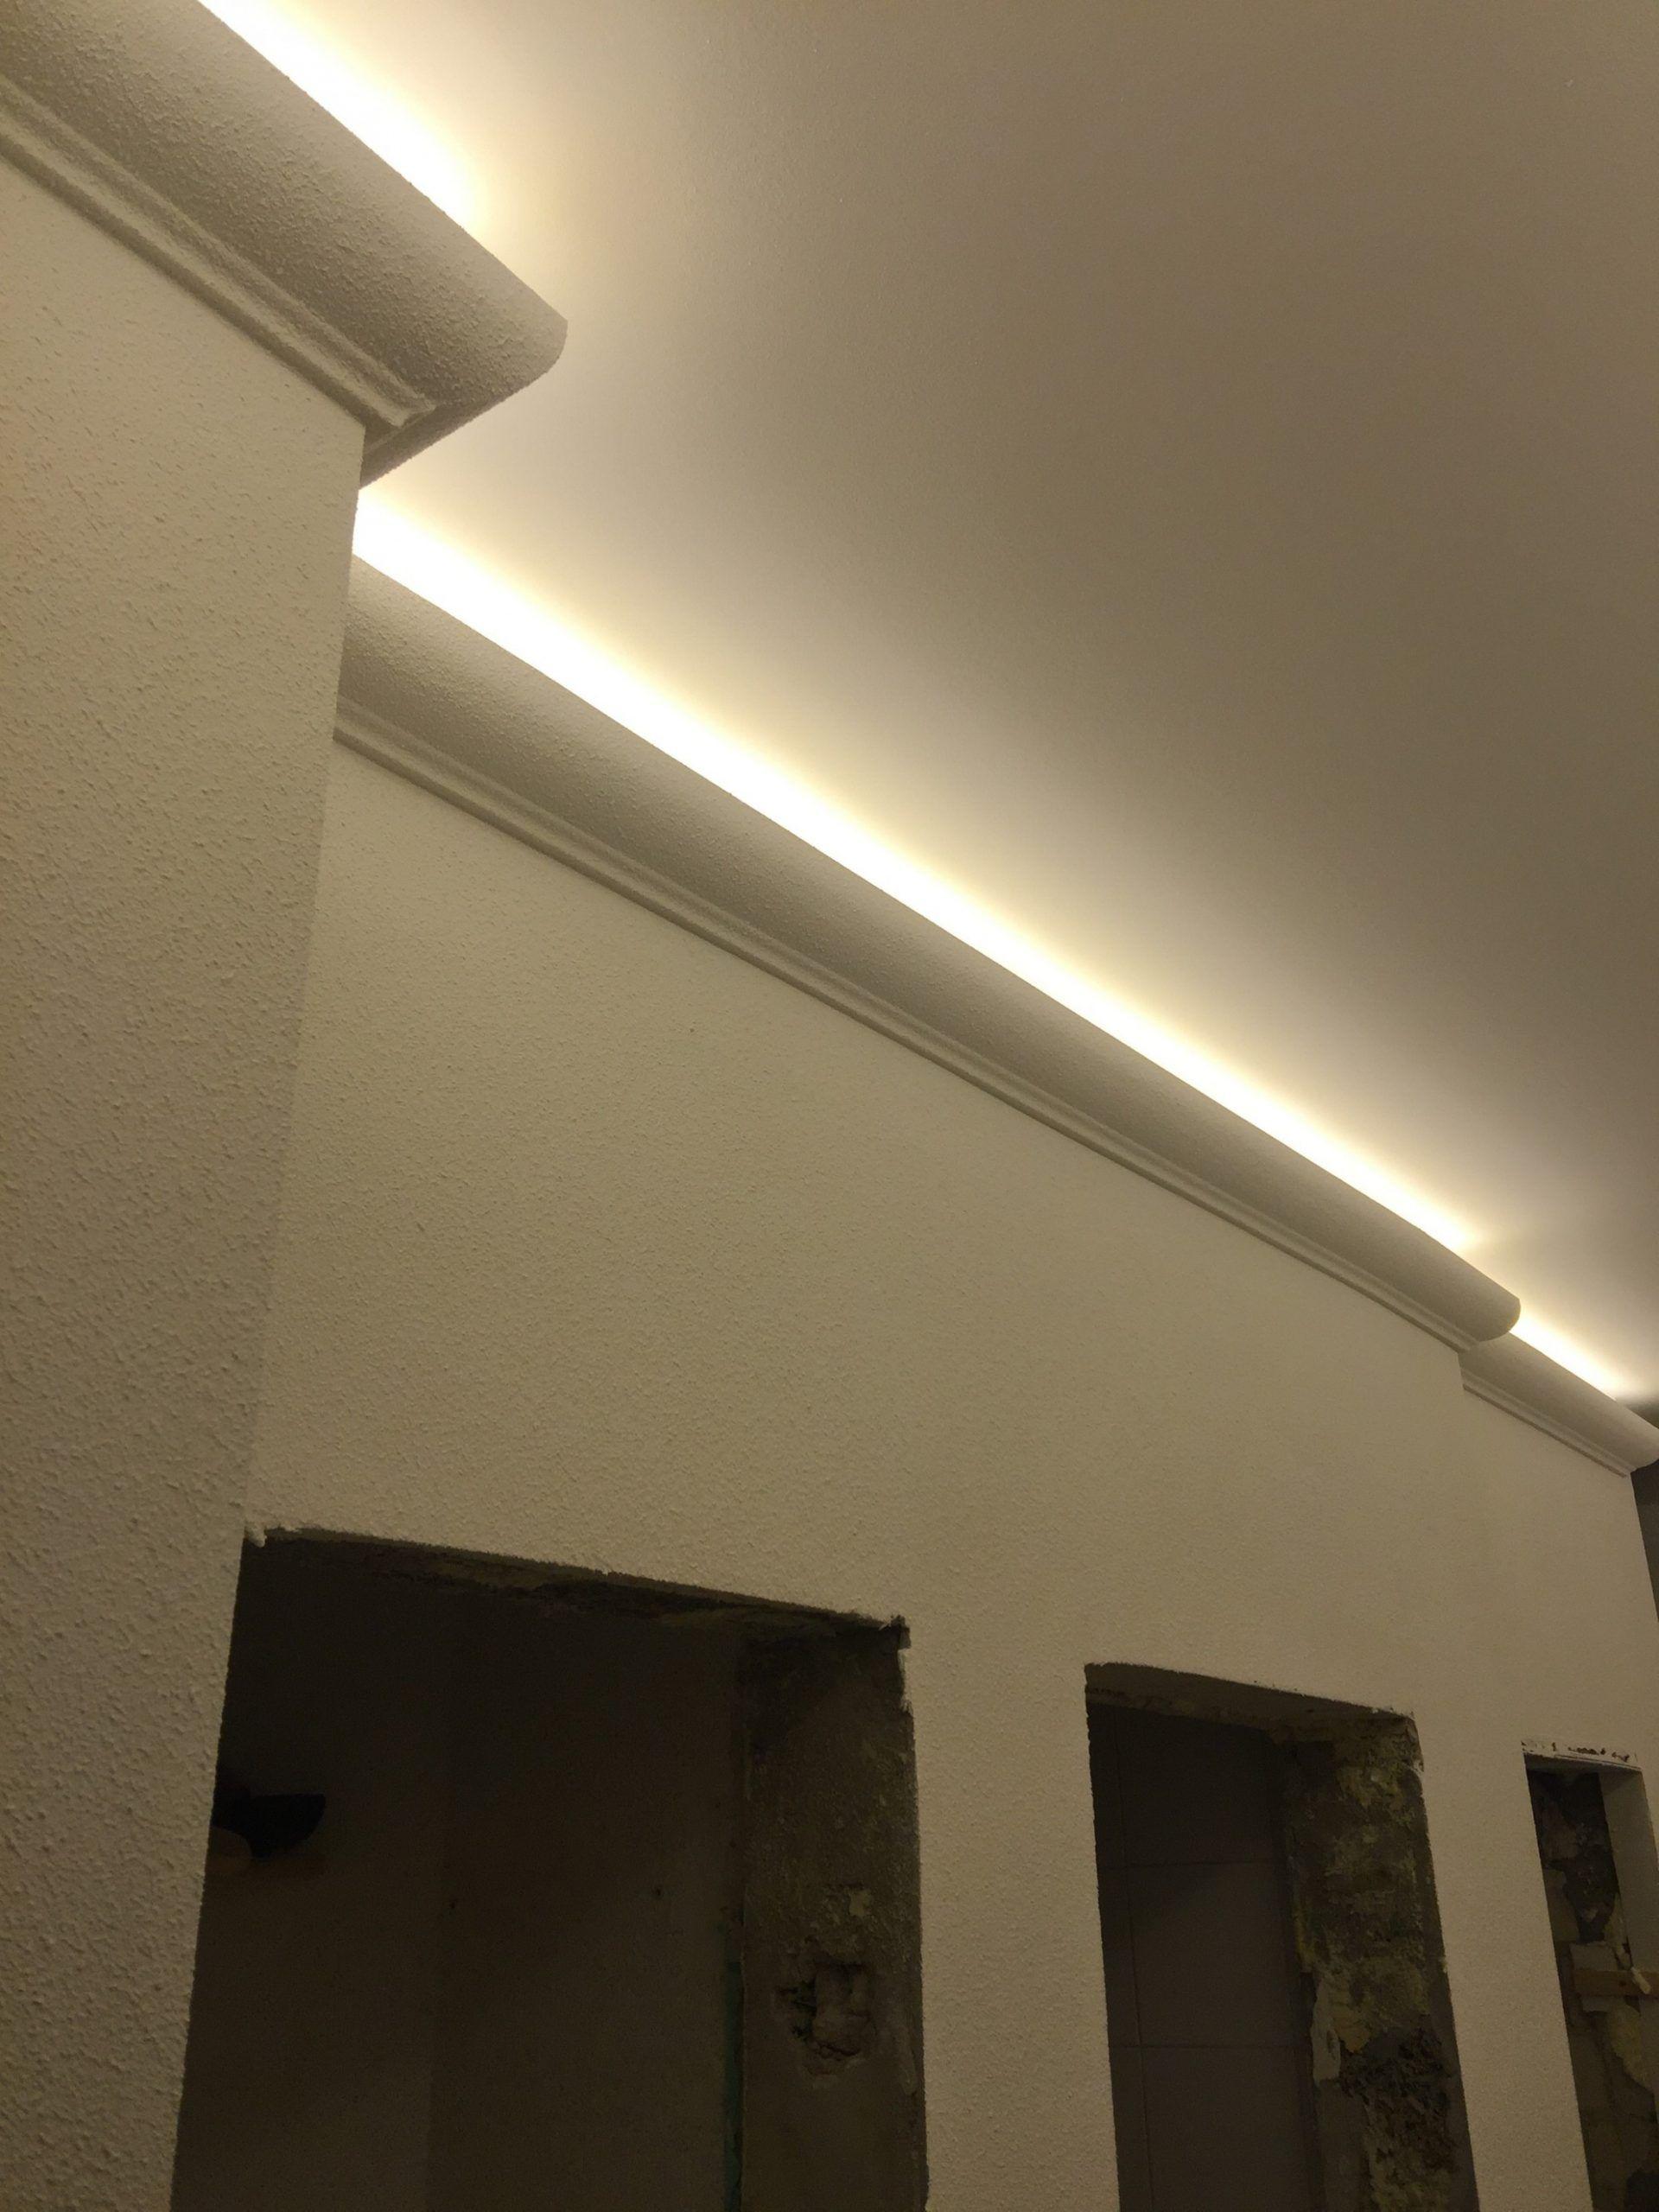 Abgehangte Decke Mit Indirekter Beleuchtung Und Strahlern Wohnzimmer Und Flure Beleuchtung Wohnzimmer Decke Indirekte Beleuchtung Beleuchtung Wohnzimmer